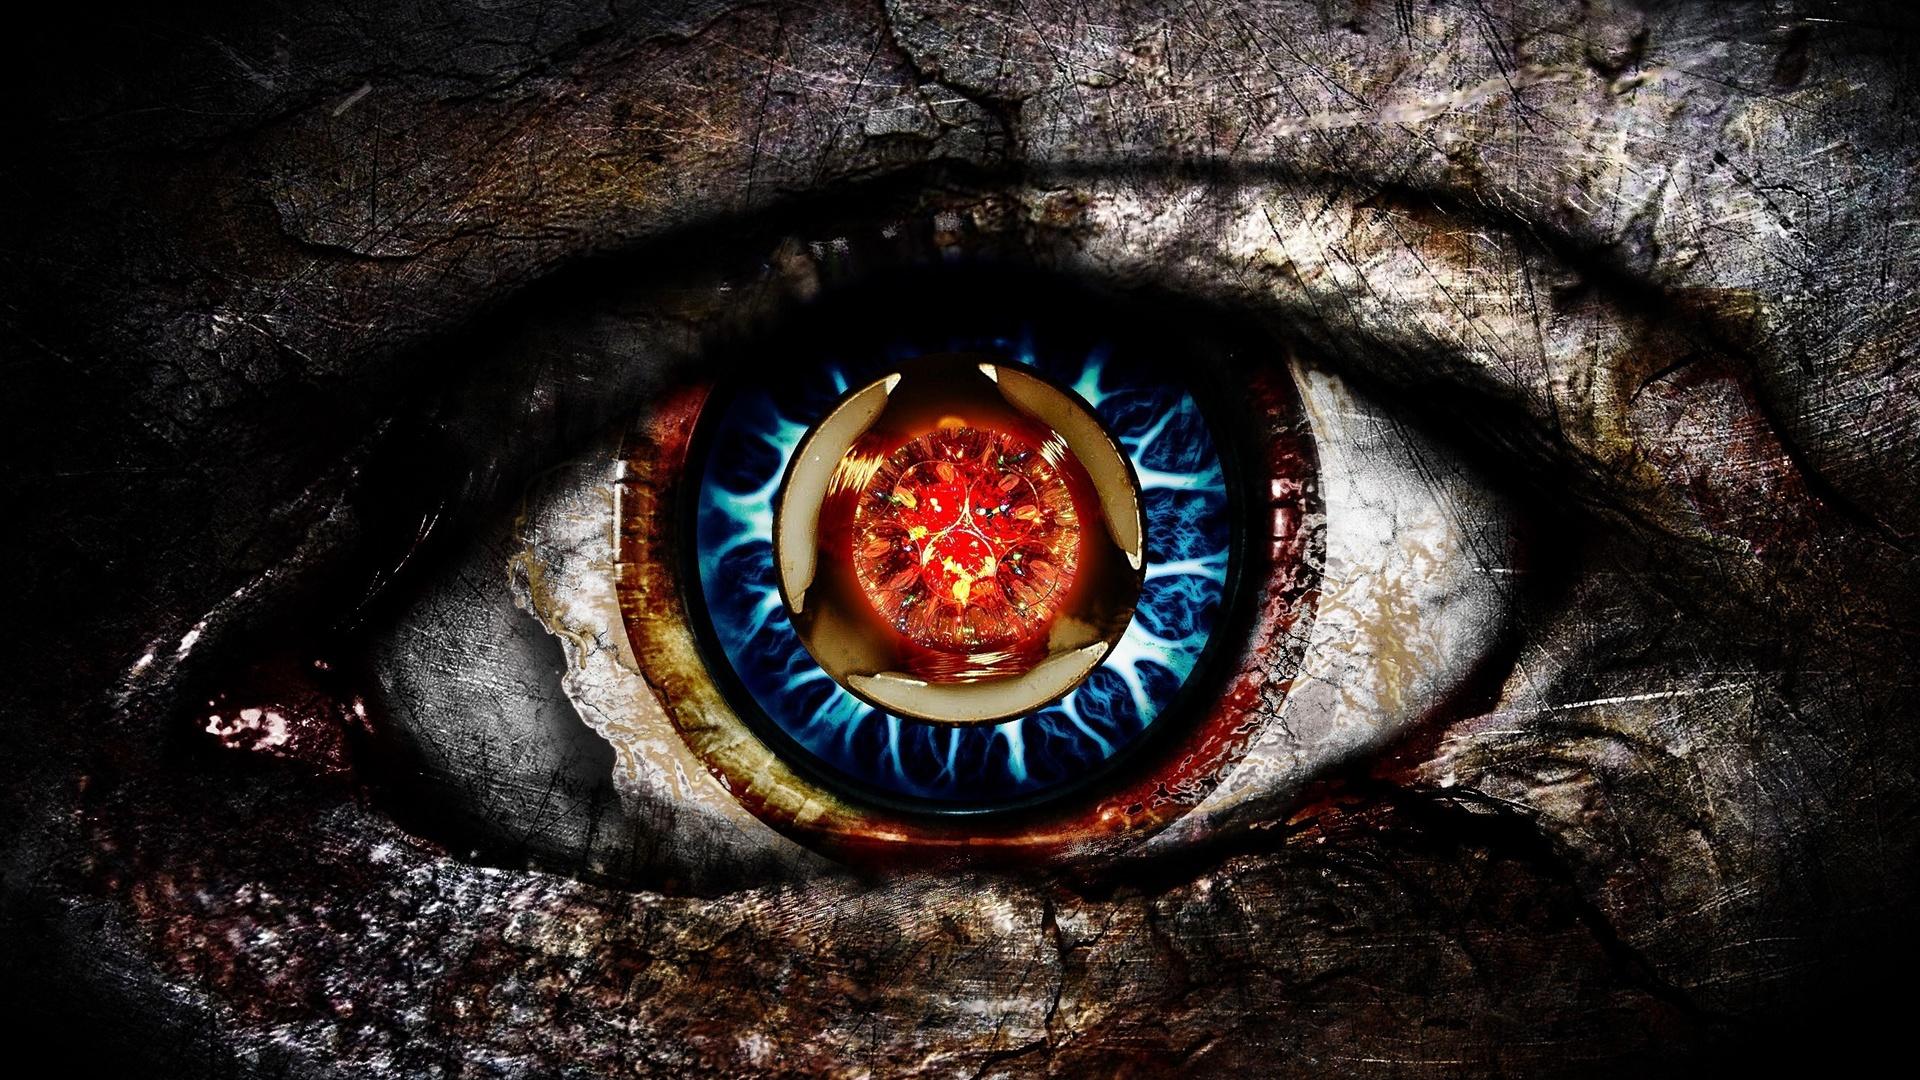 Das Schwarze Auge 2560x1600 HD Hintergrundbilder, HD, Bild